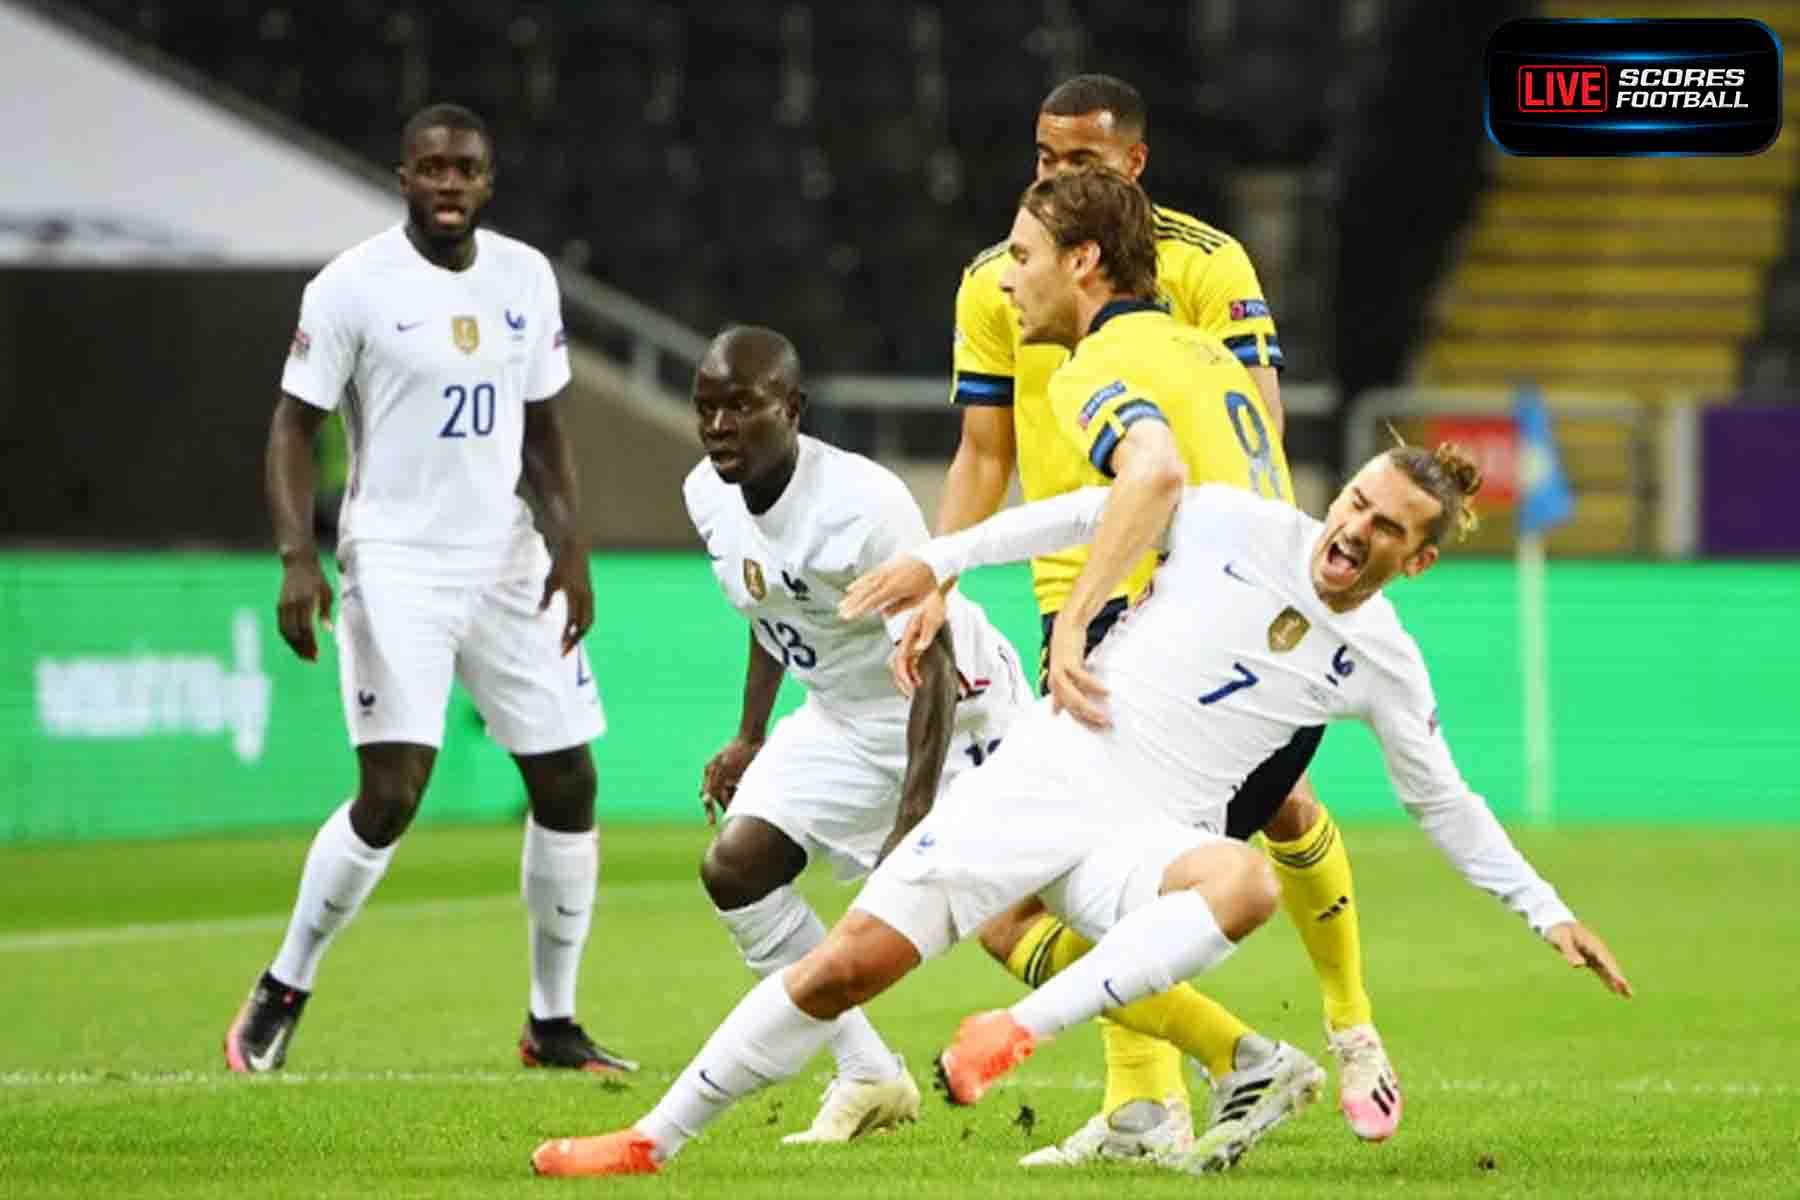 ฟุตบอลยูฟ่าเนชั่นลีก กรีซมันส์พลาดจุดโทษ ฝรั่งเศสบุกซิว สวีเดน 1-0